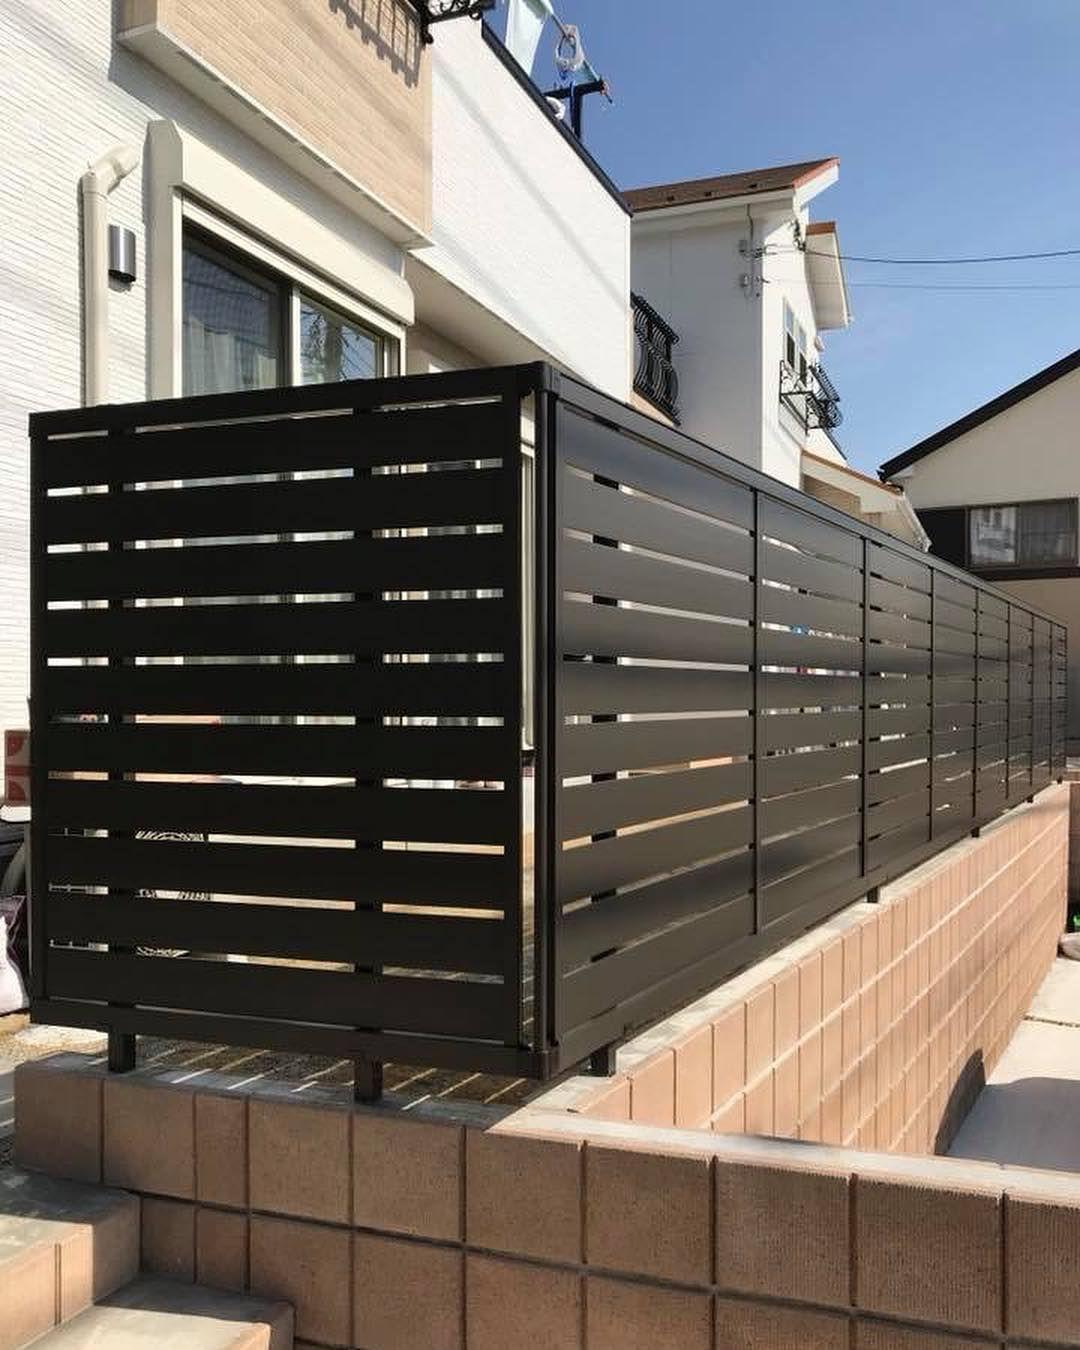 外構工事専門店 Yokoyama Kogyoさんはinstagramを利用しています エクステリア 外構工事 Lixil フェンス 目隠しフェンス 芝張り 表札デザイン お庭のことなら Yokoyamakogyo 外構工事 フェンスのデザイン 外構